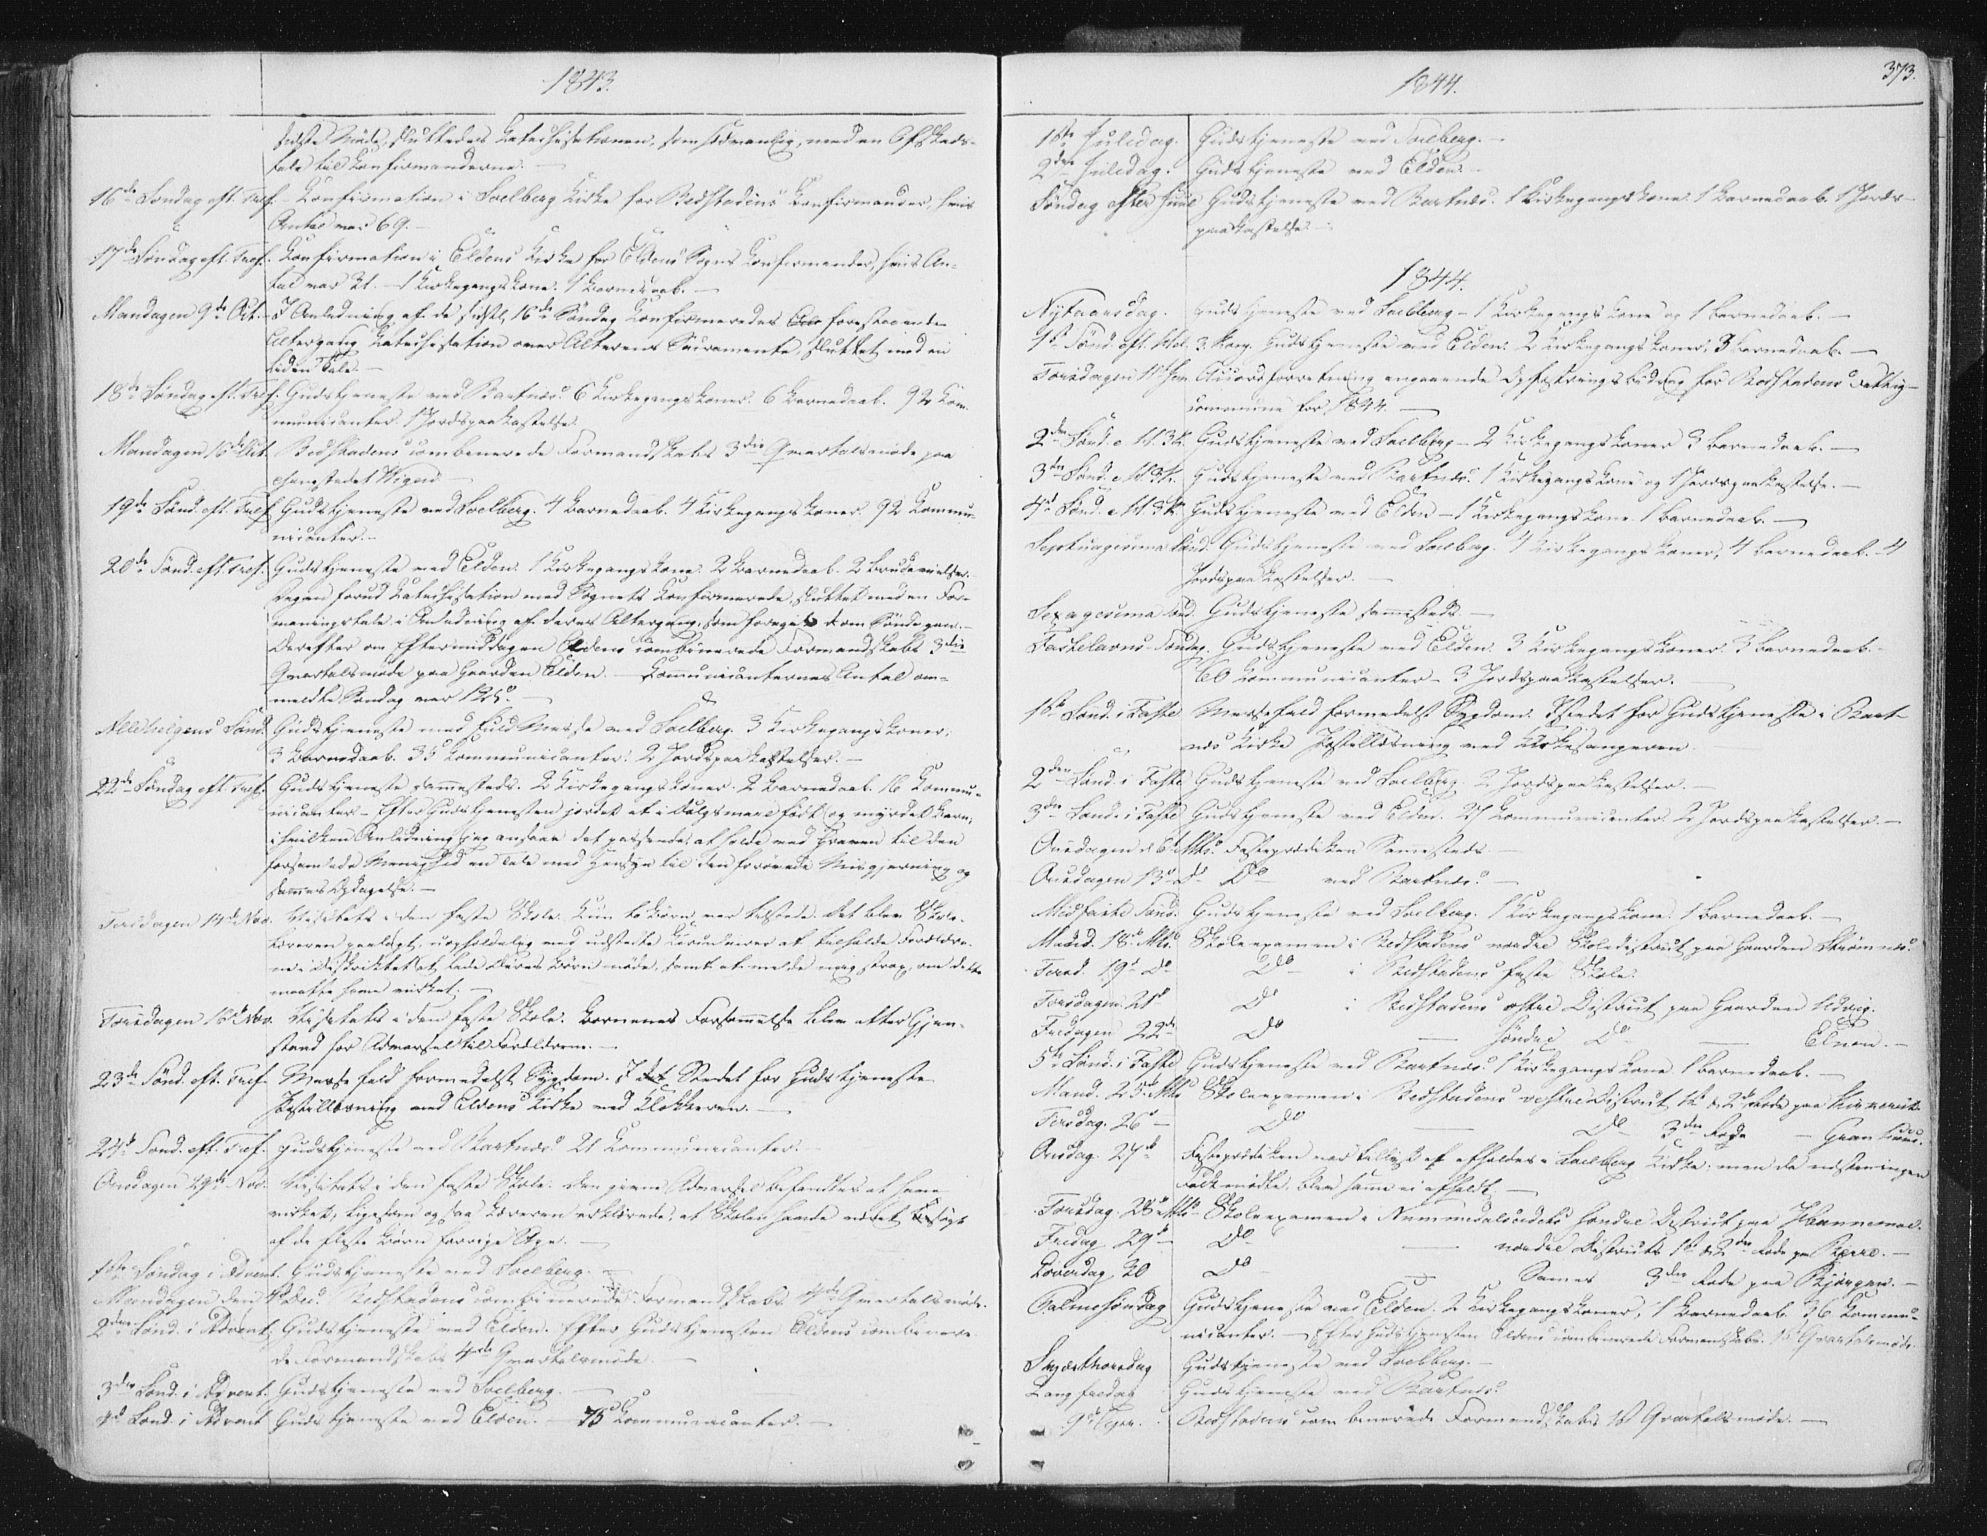 SAT, Ministerialprotokoller, klokkerbøker og fødselsregistre - Nord-Trøndelag, 741/L0392: Ministerialbok nr. 741A06, 1836-1848, s. 373